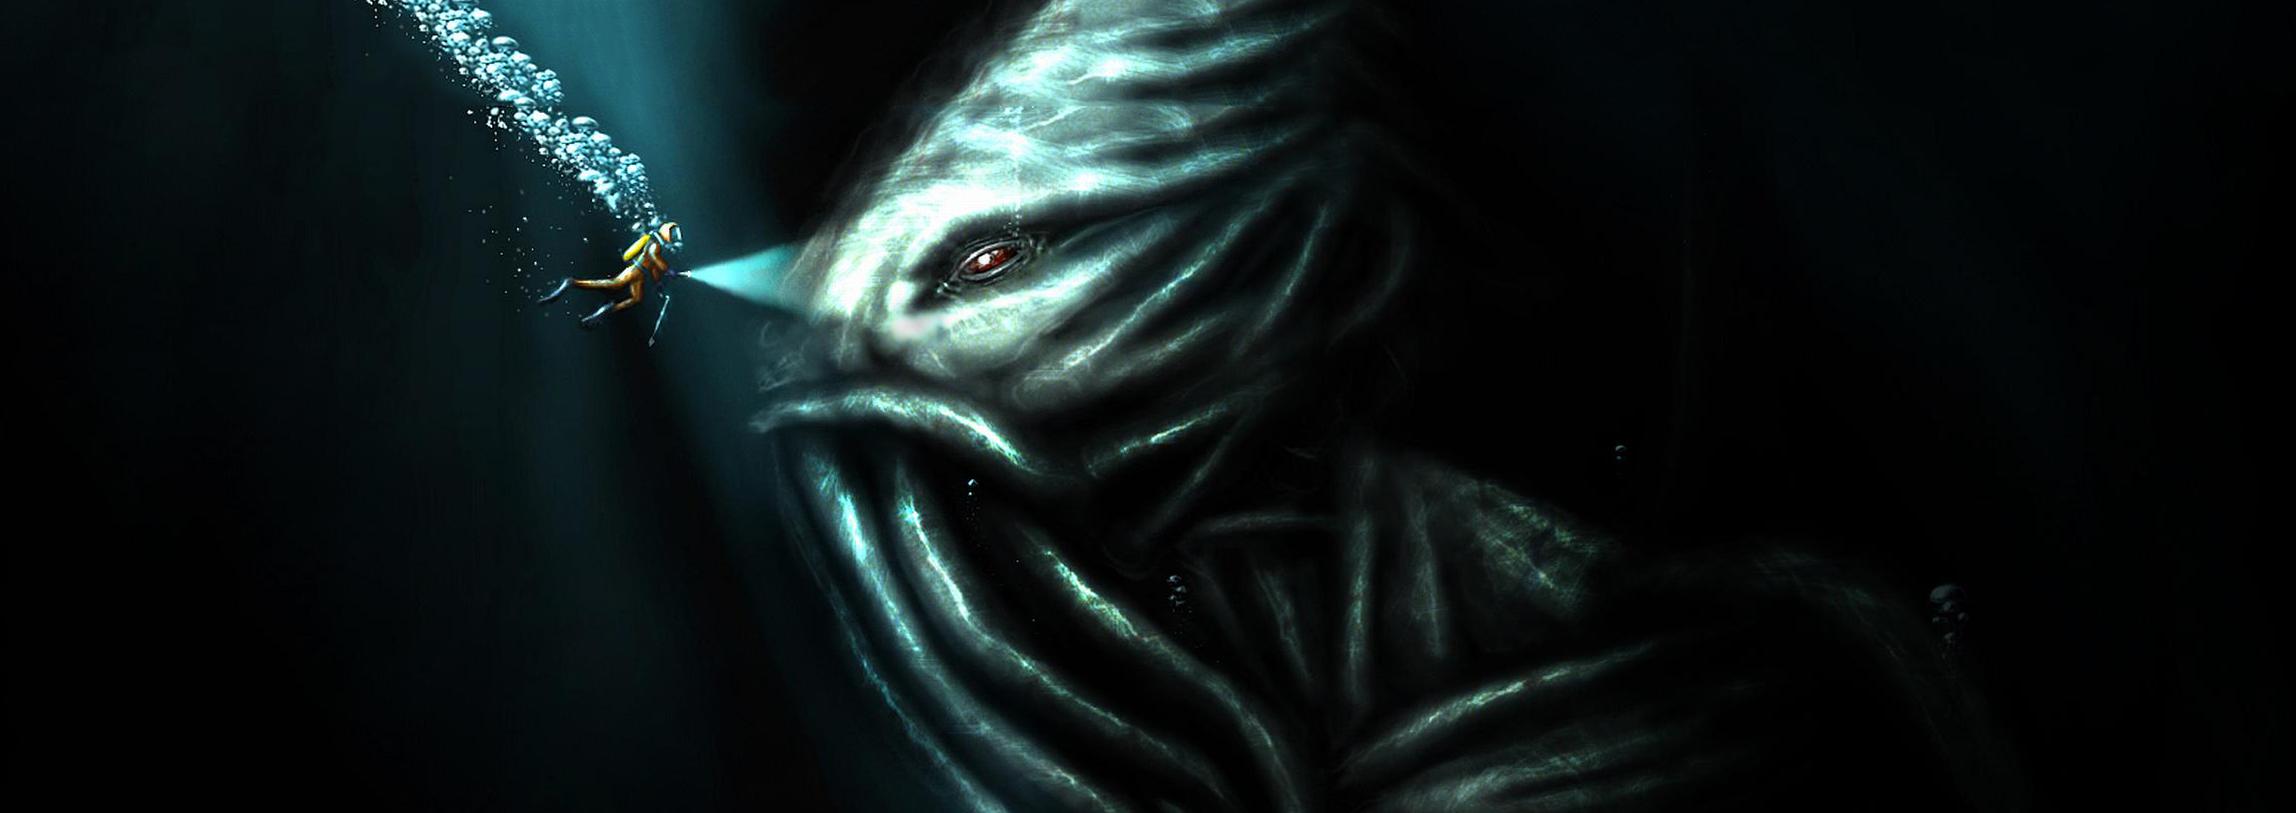 Kraken-concept4.png (2296×813)